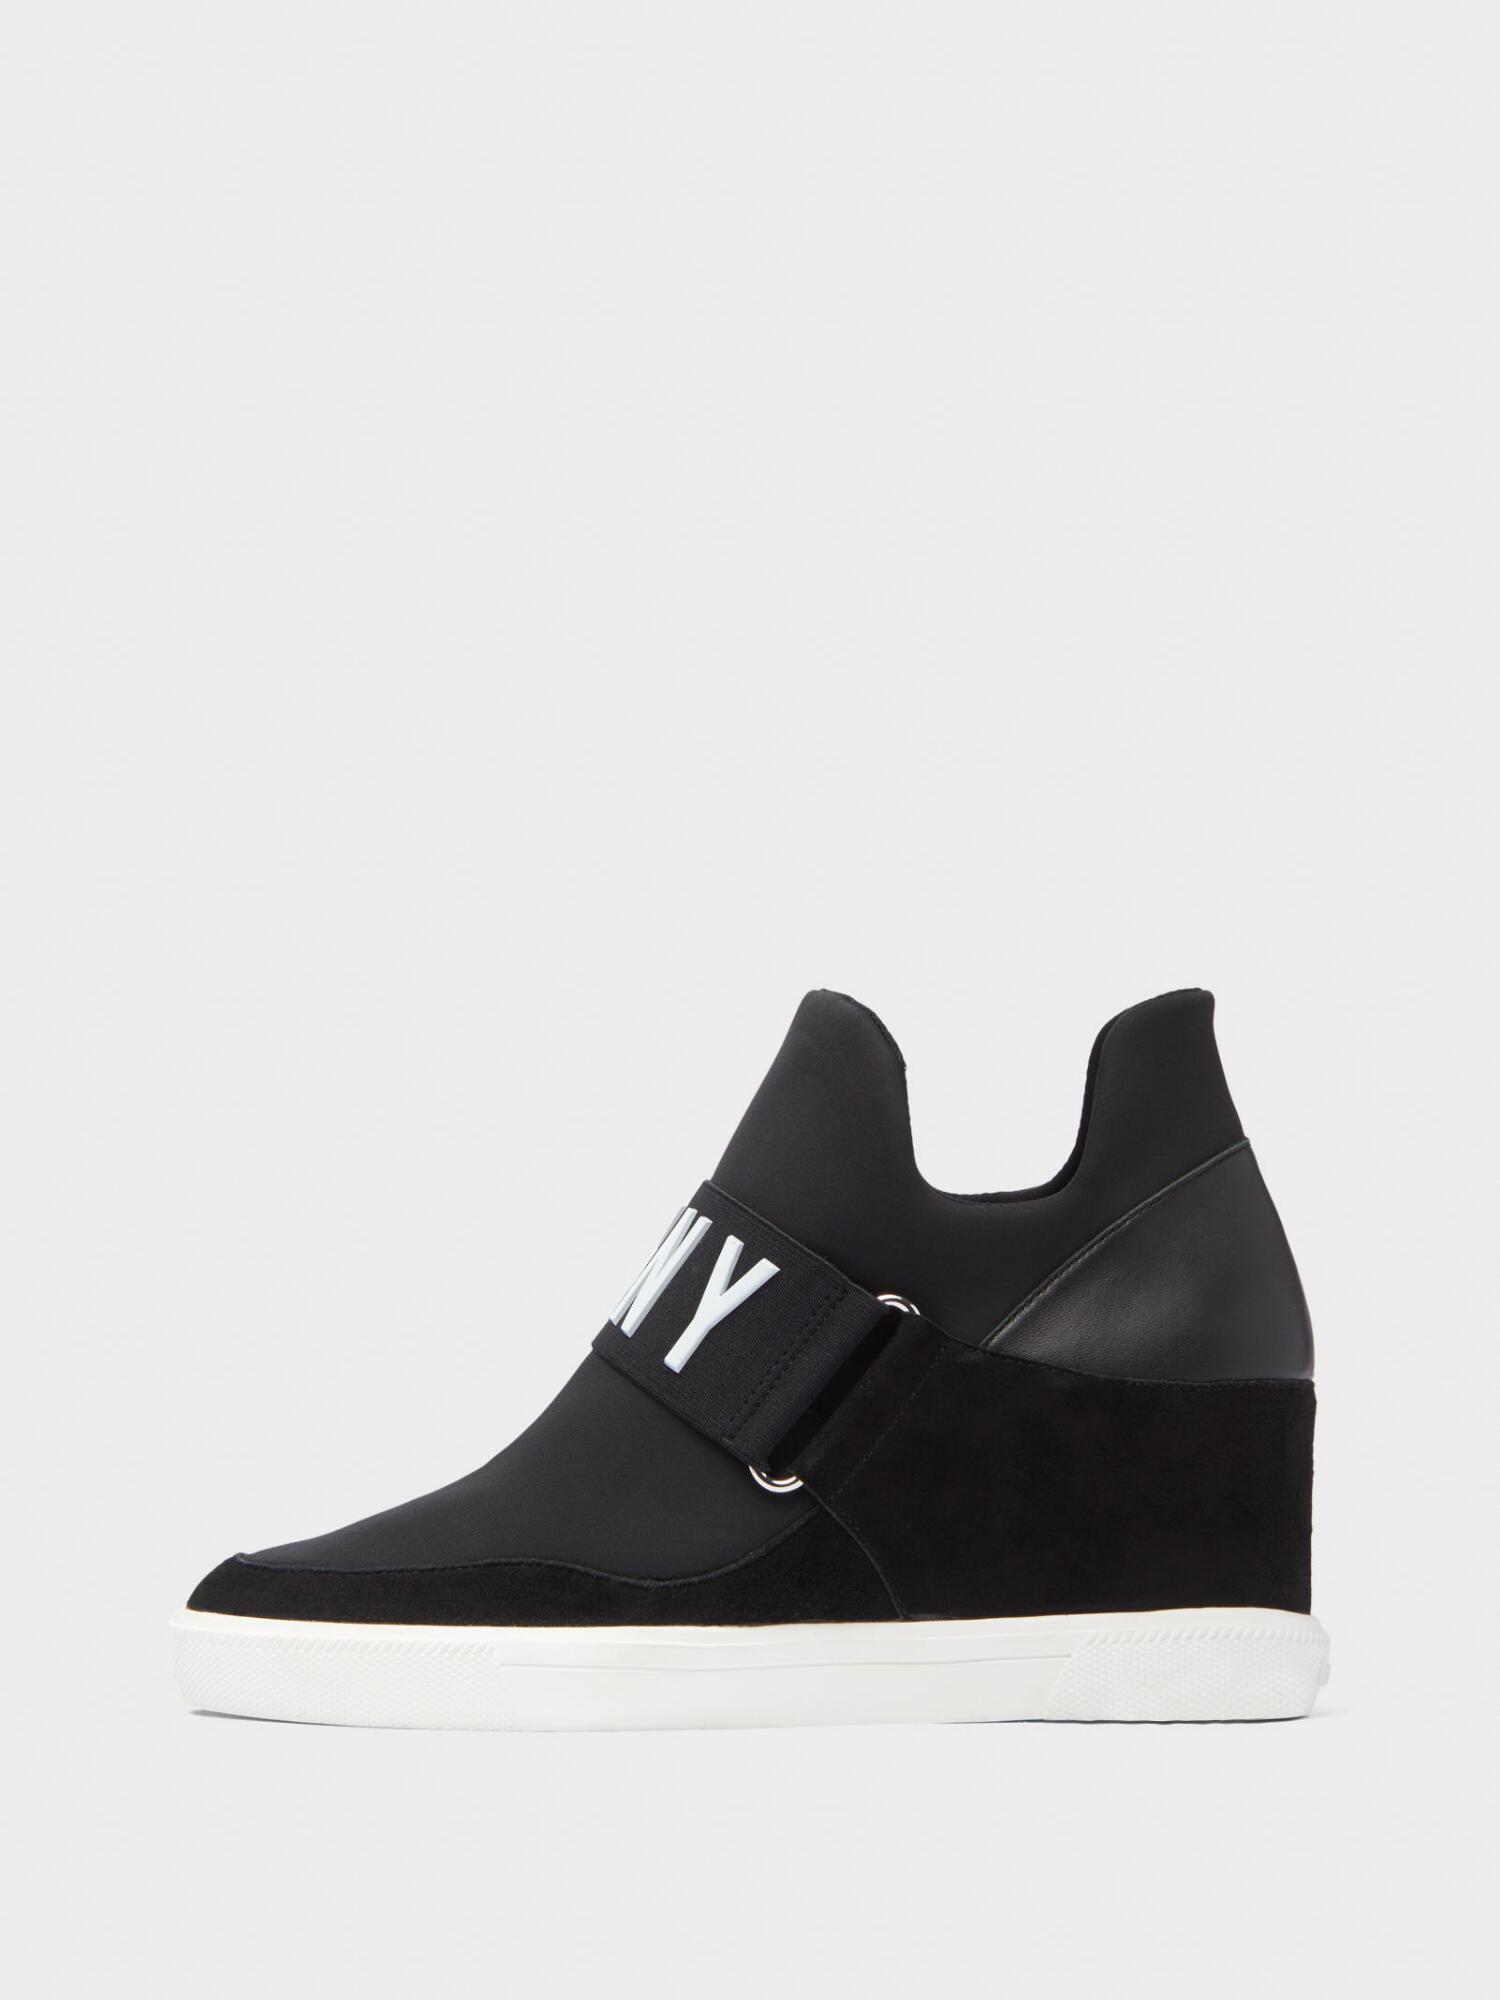 059fc5b6023 Donna Karan Cosmos Wedge Slip-On Sneaker In Black